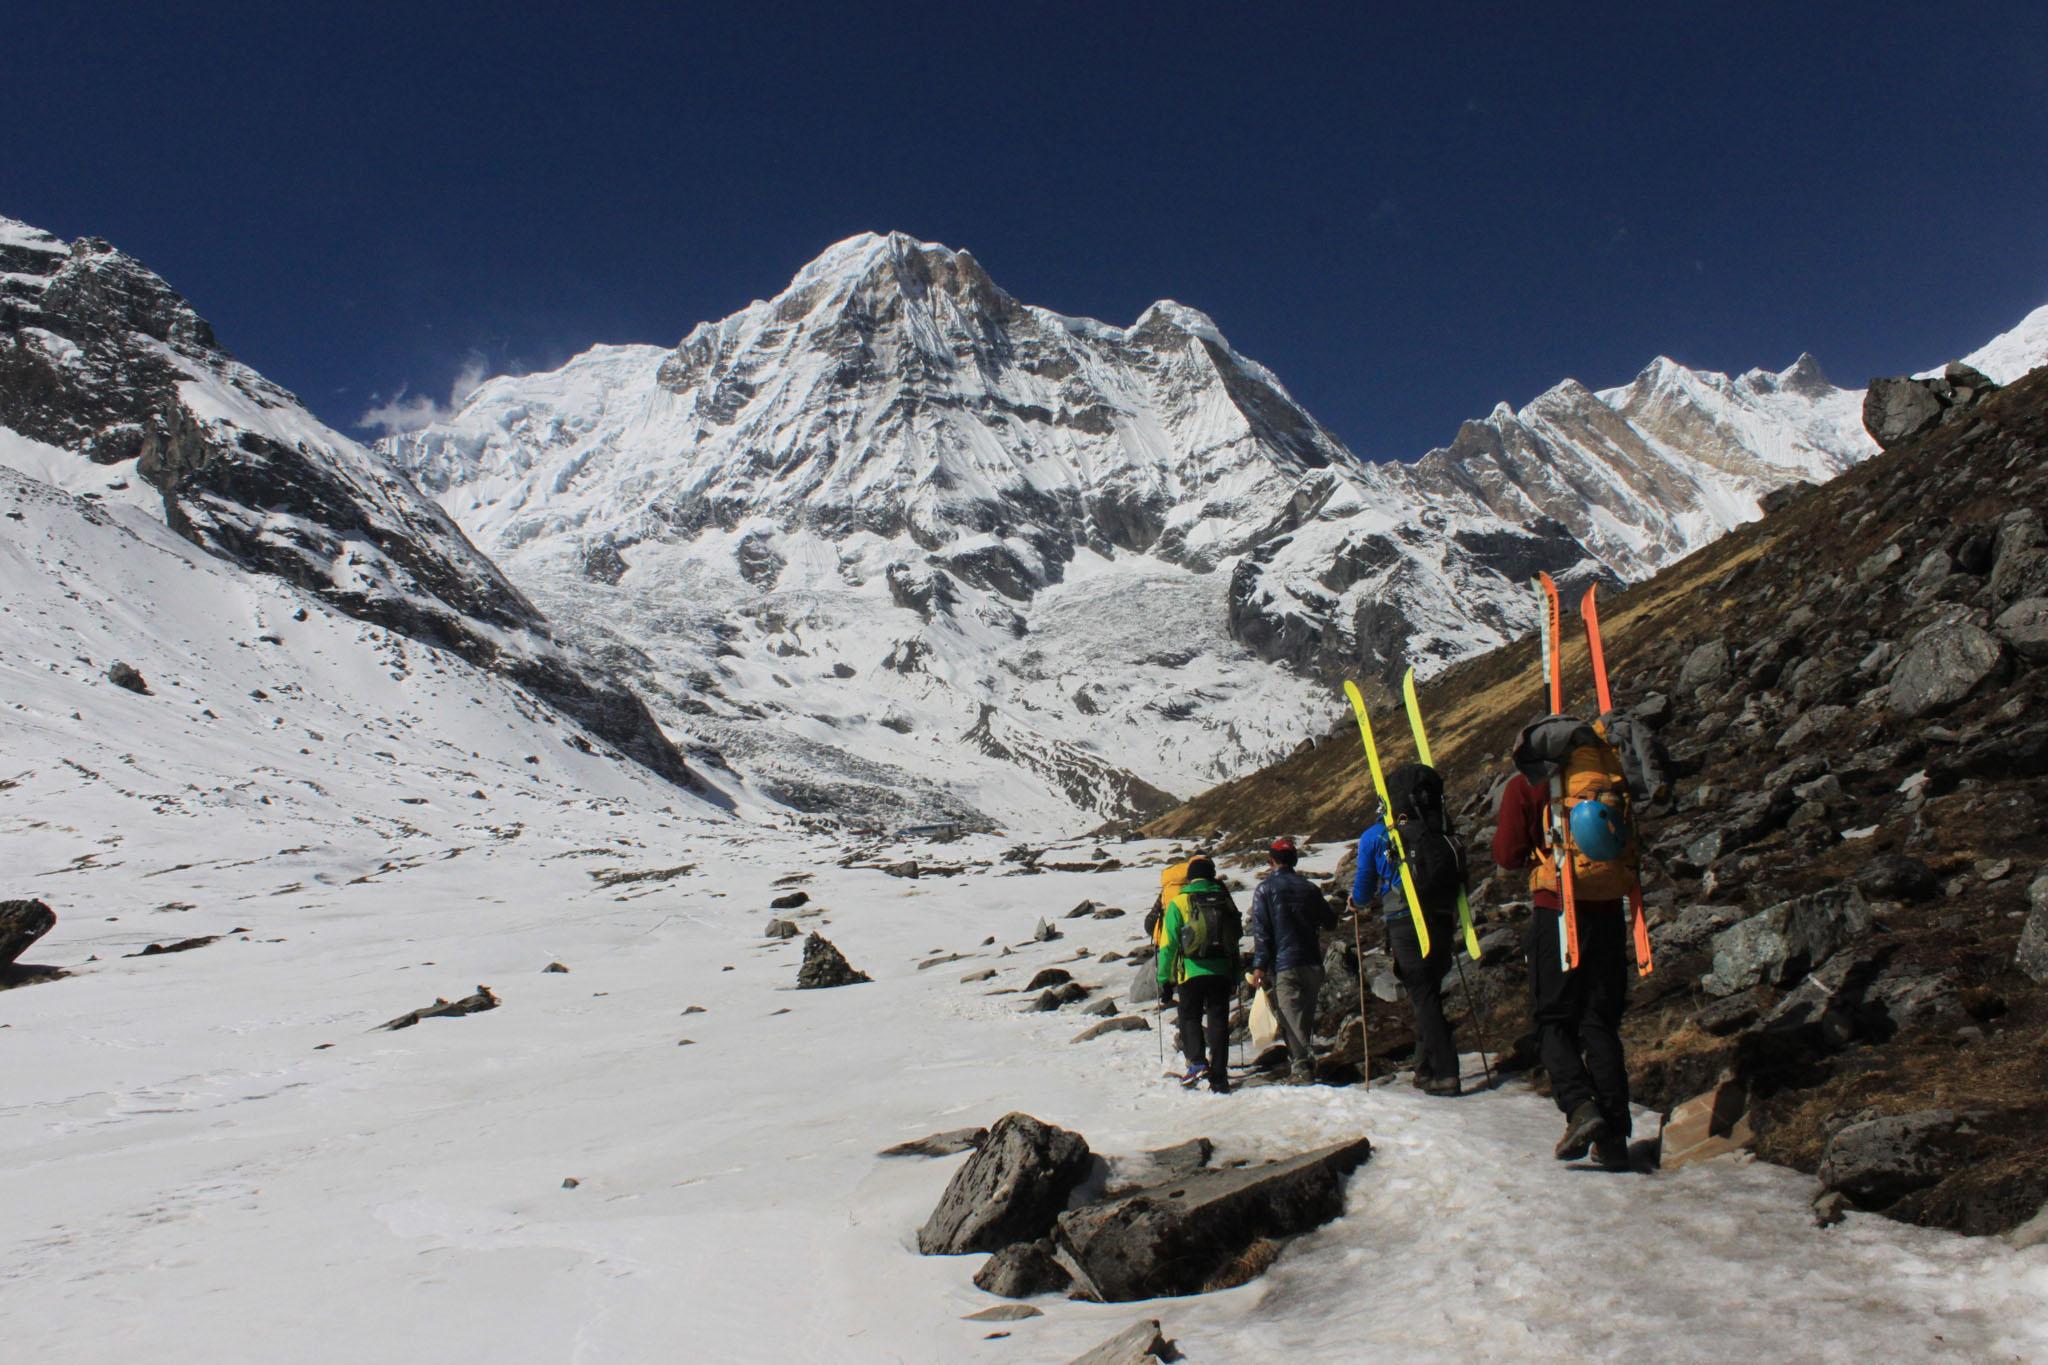 Zum Annapurna muss ein 5tägiger Trekkingaufstieg erfolgen, nach Humla bringt uns der Hubschrauber.